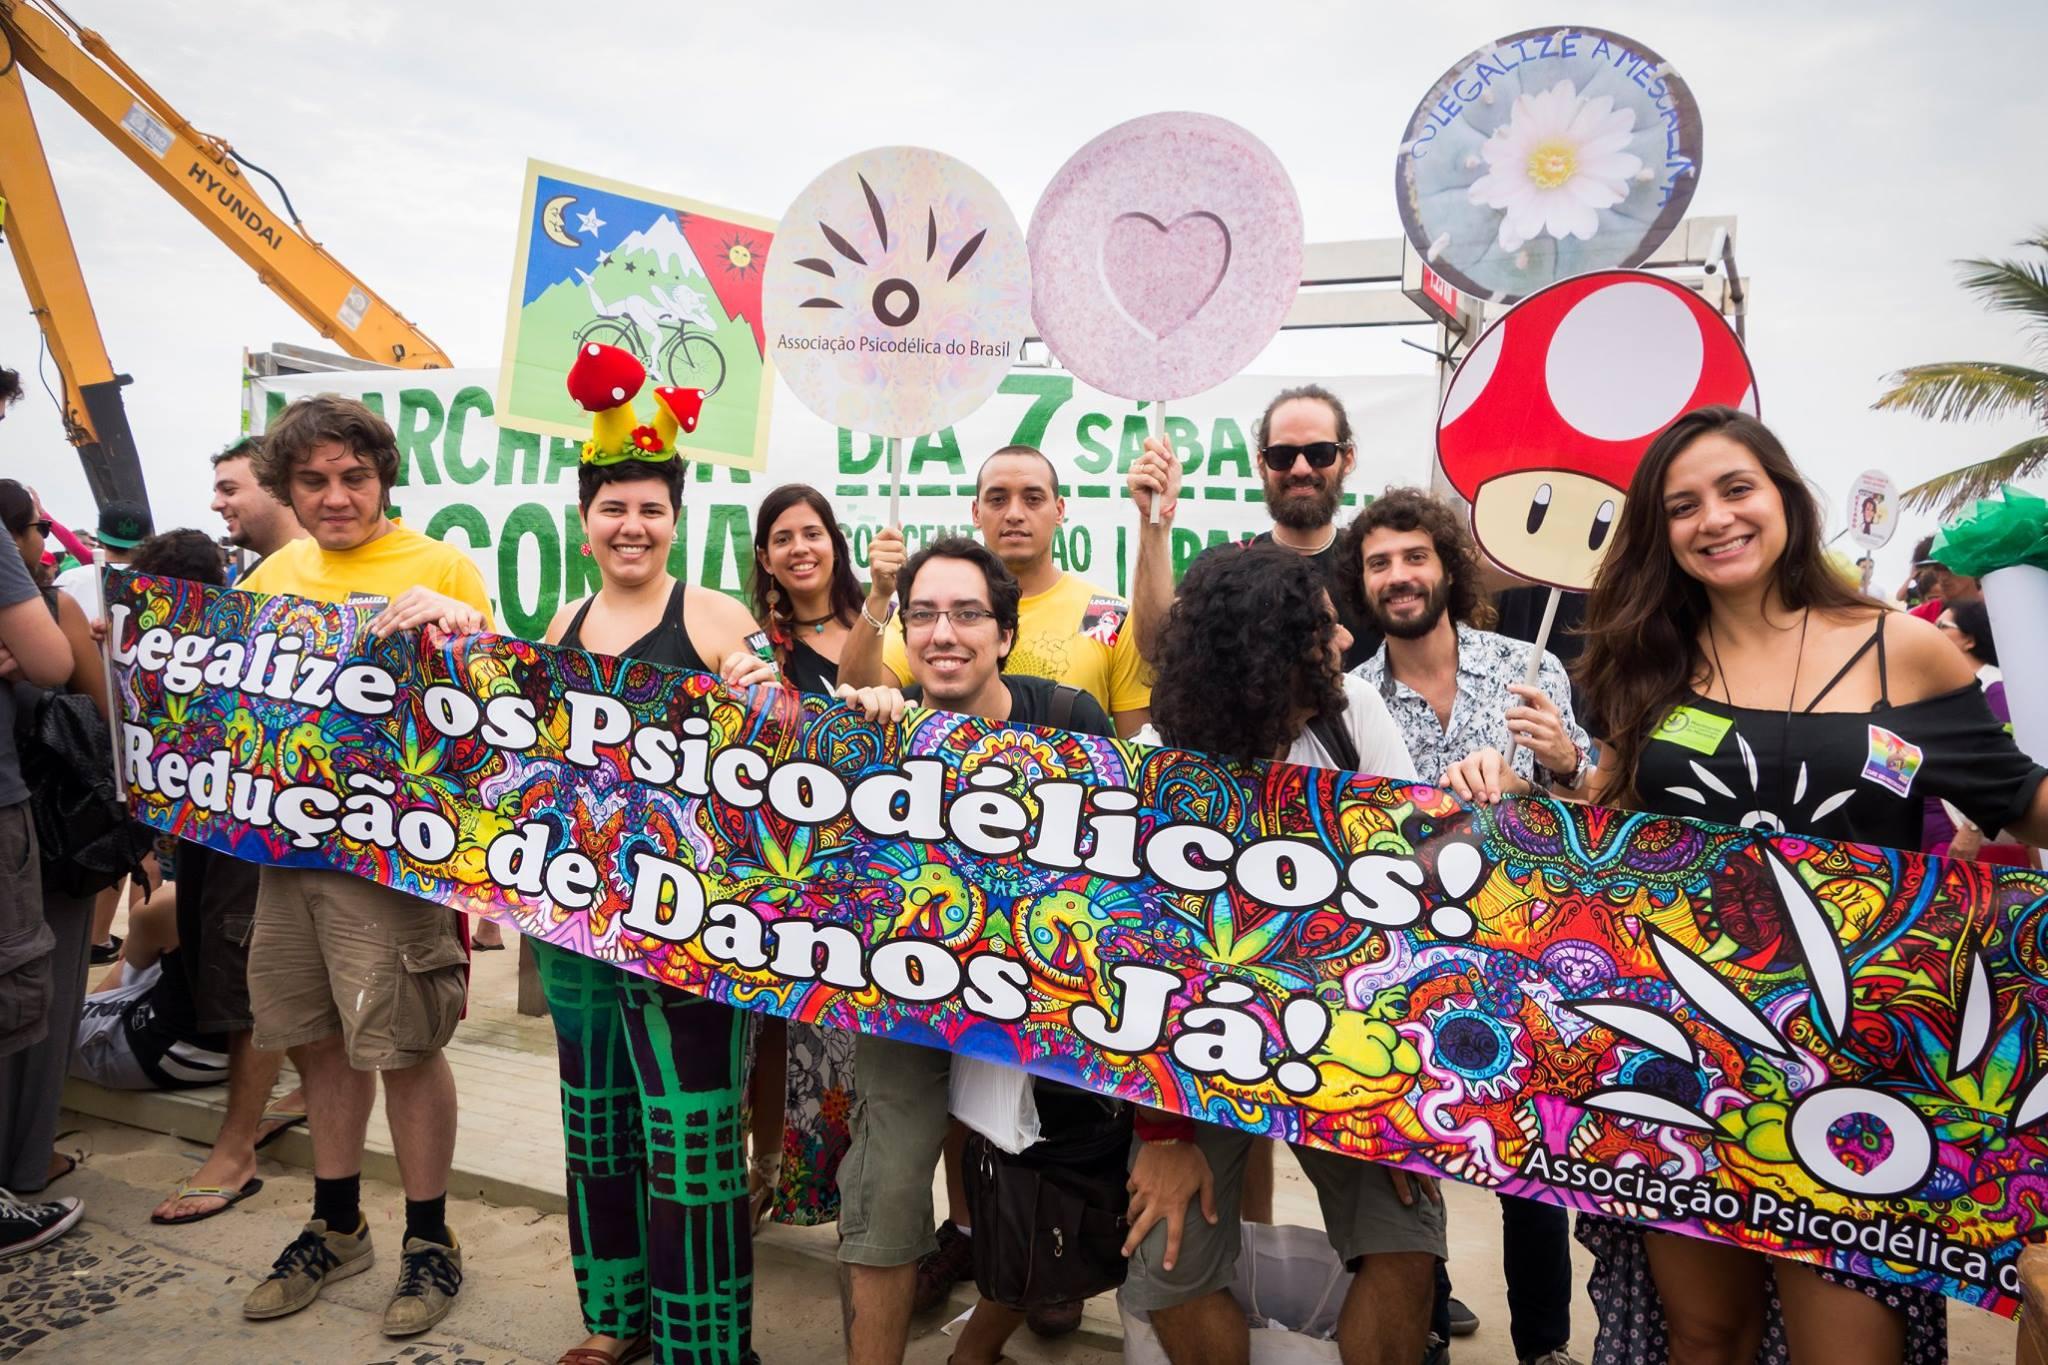 Associação Psicodélica do Brasil